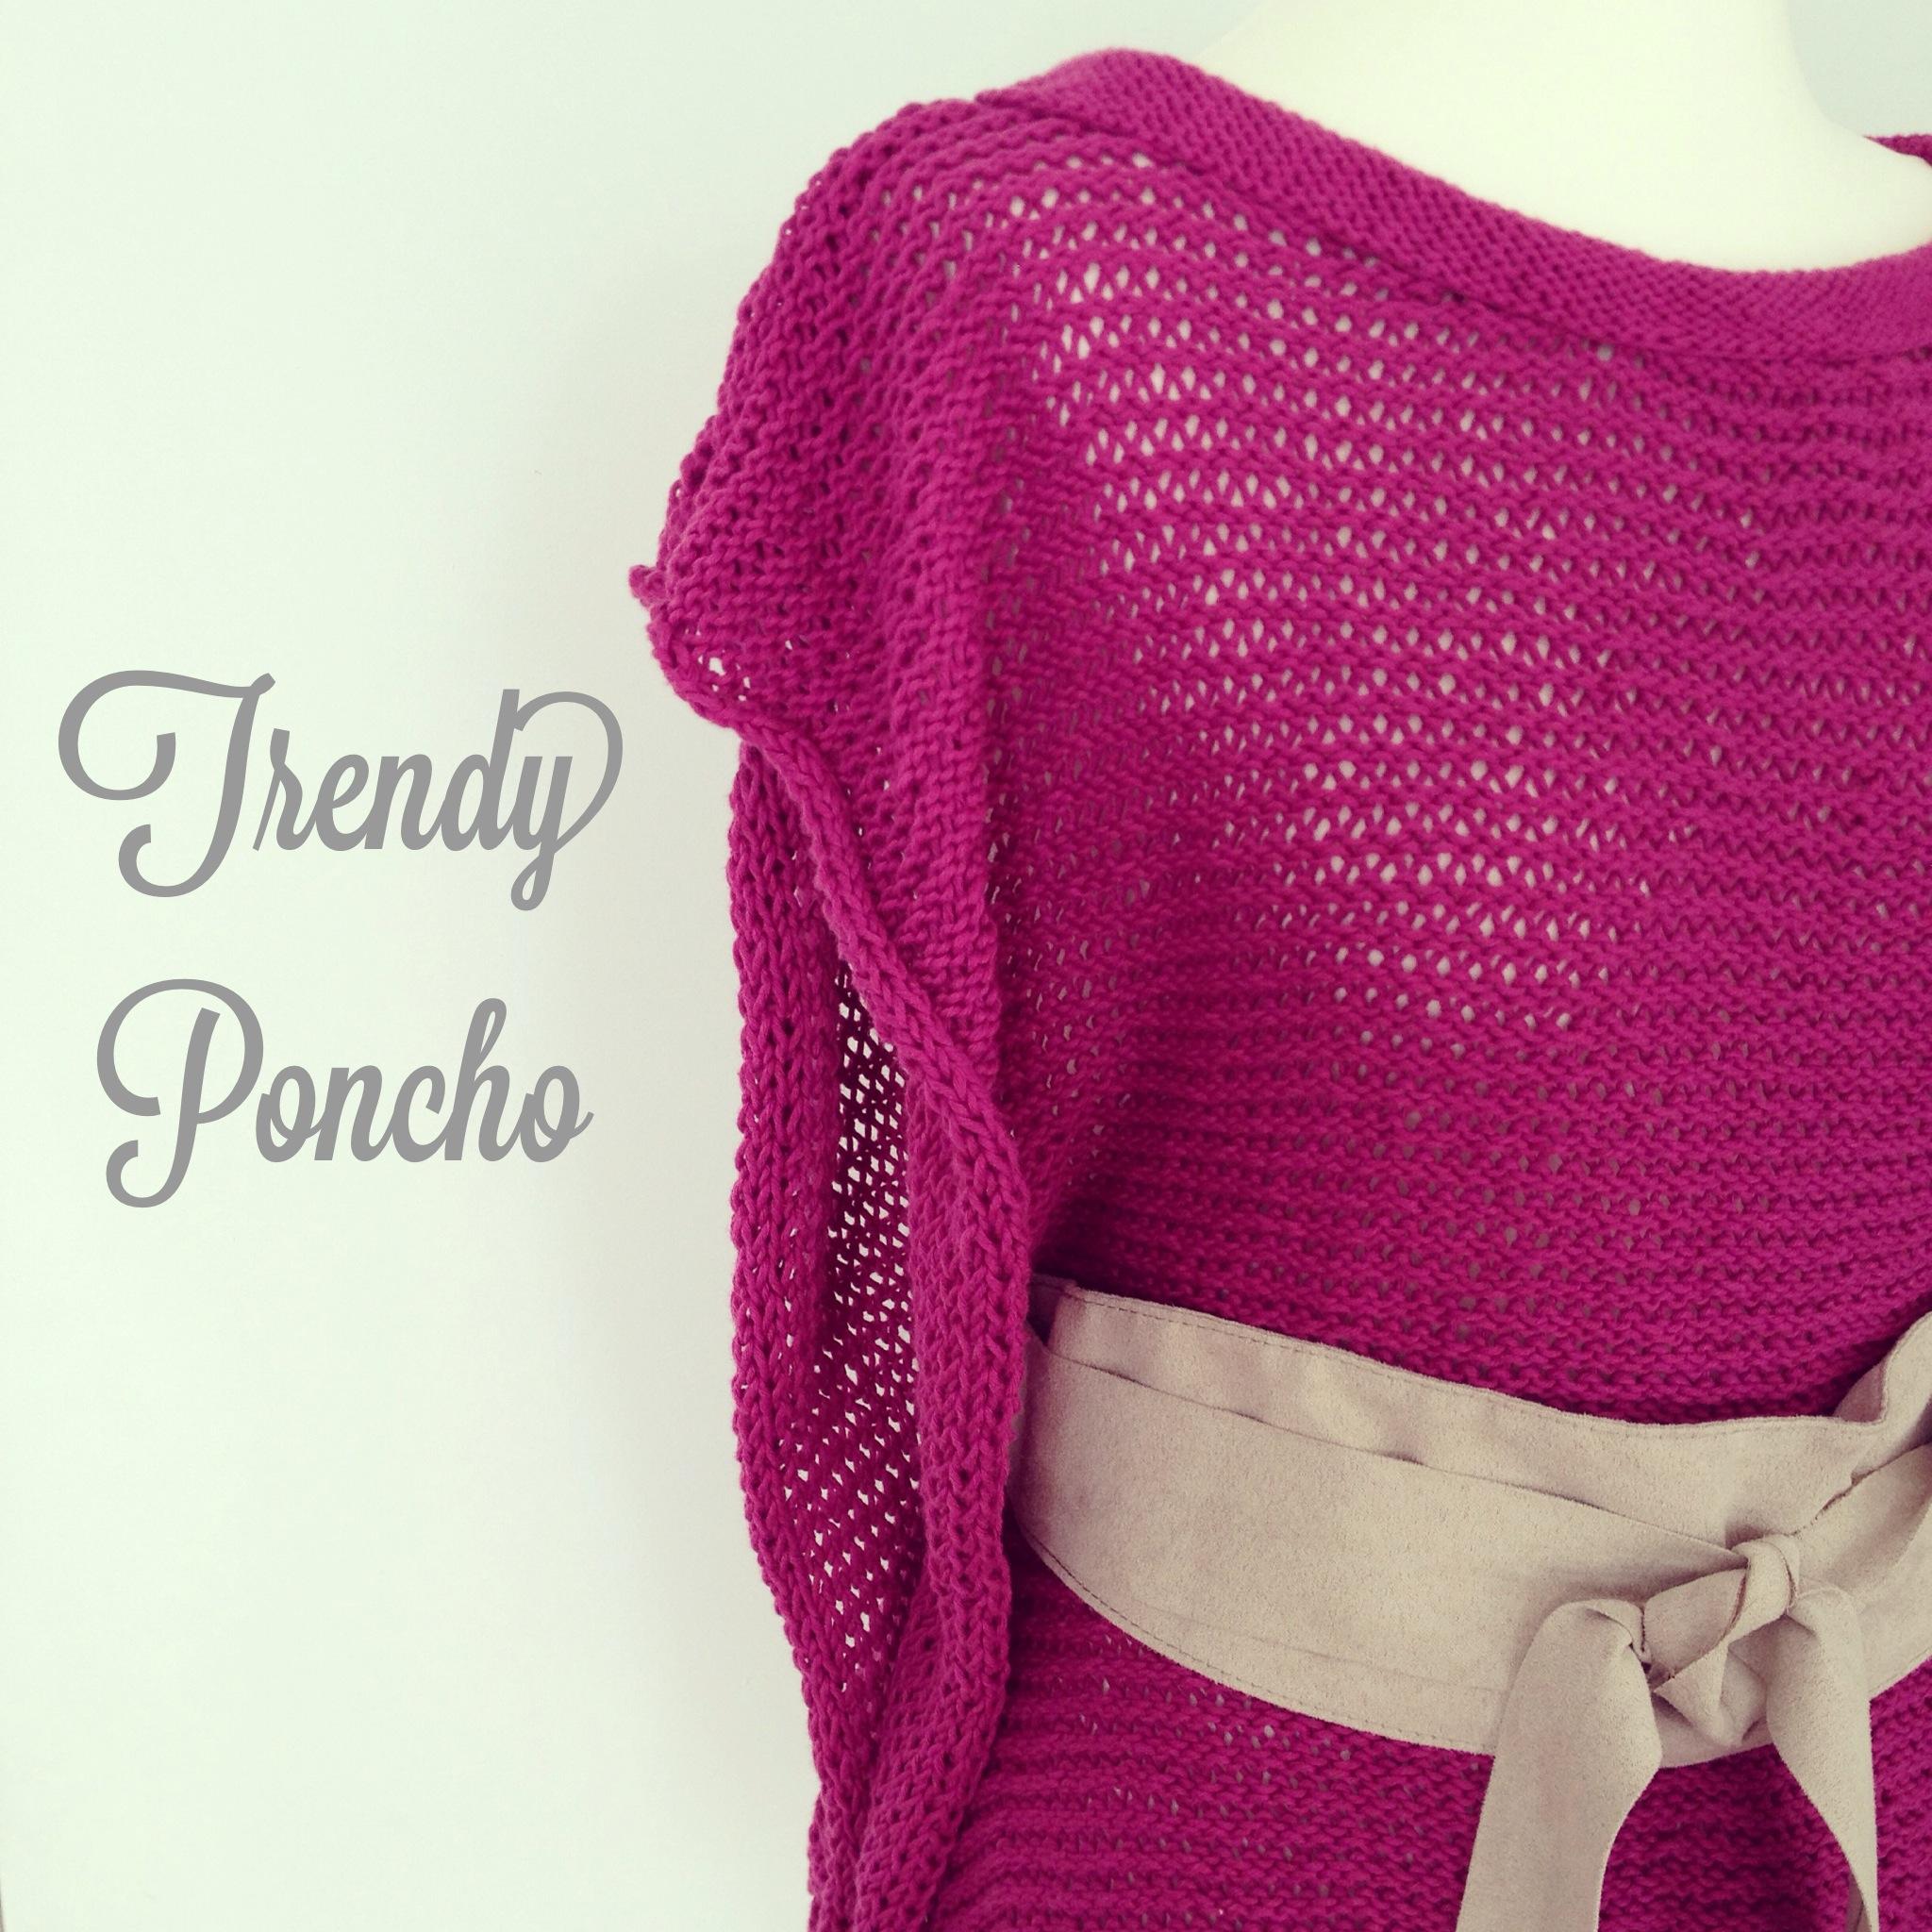 Trendy poncho